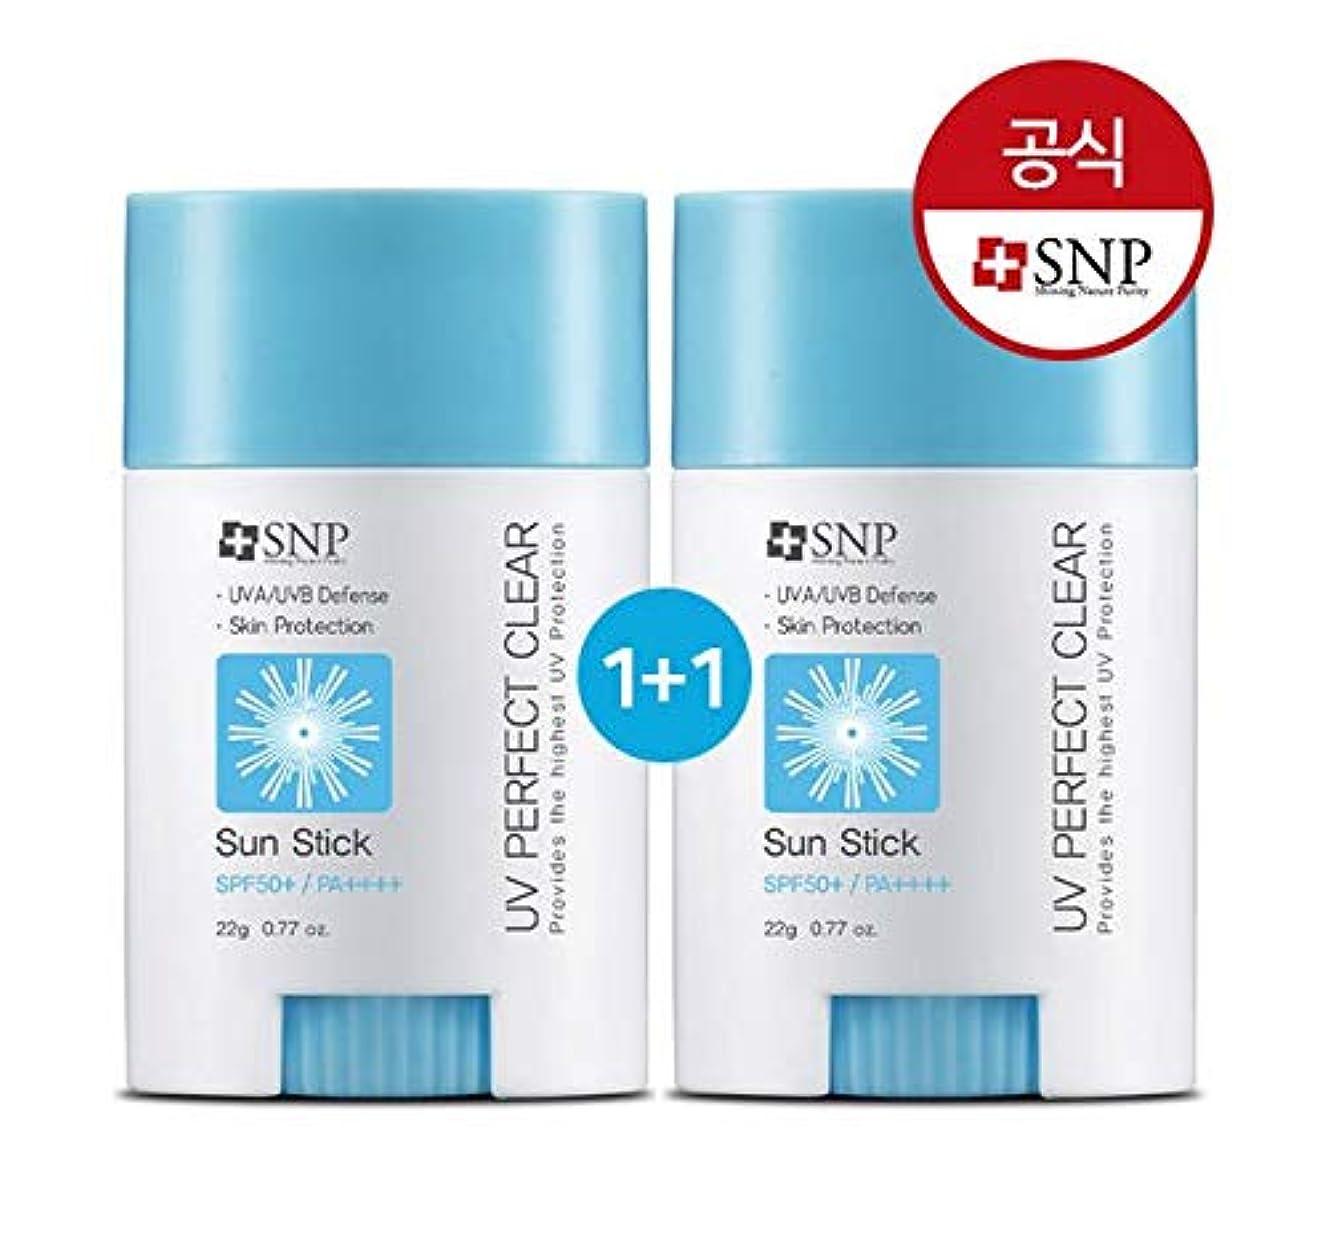 ホテルダイジェスト公平な[ 1 + 1 ] エスエンピ(SNP) UV パーフェクト クリア 日焼け止めスティック22g (SPF50+ PA++++) / UV PERFECT CLEAR SUN STICK/韓国日焼け止め